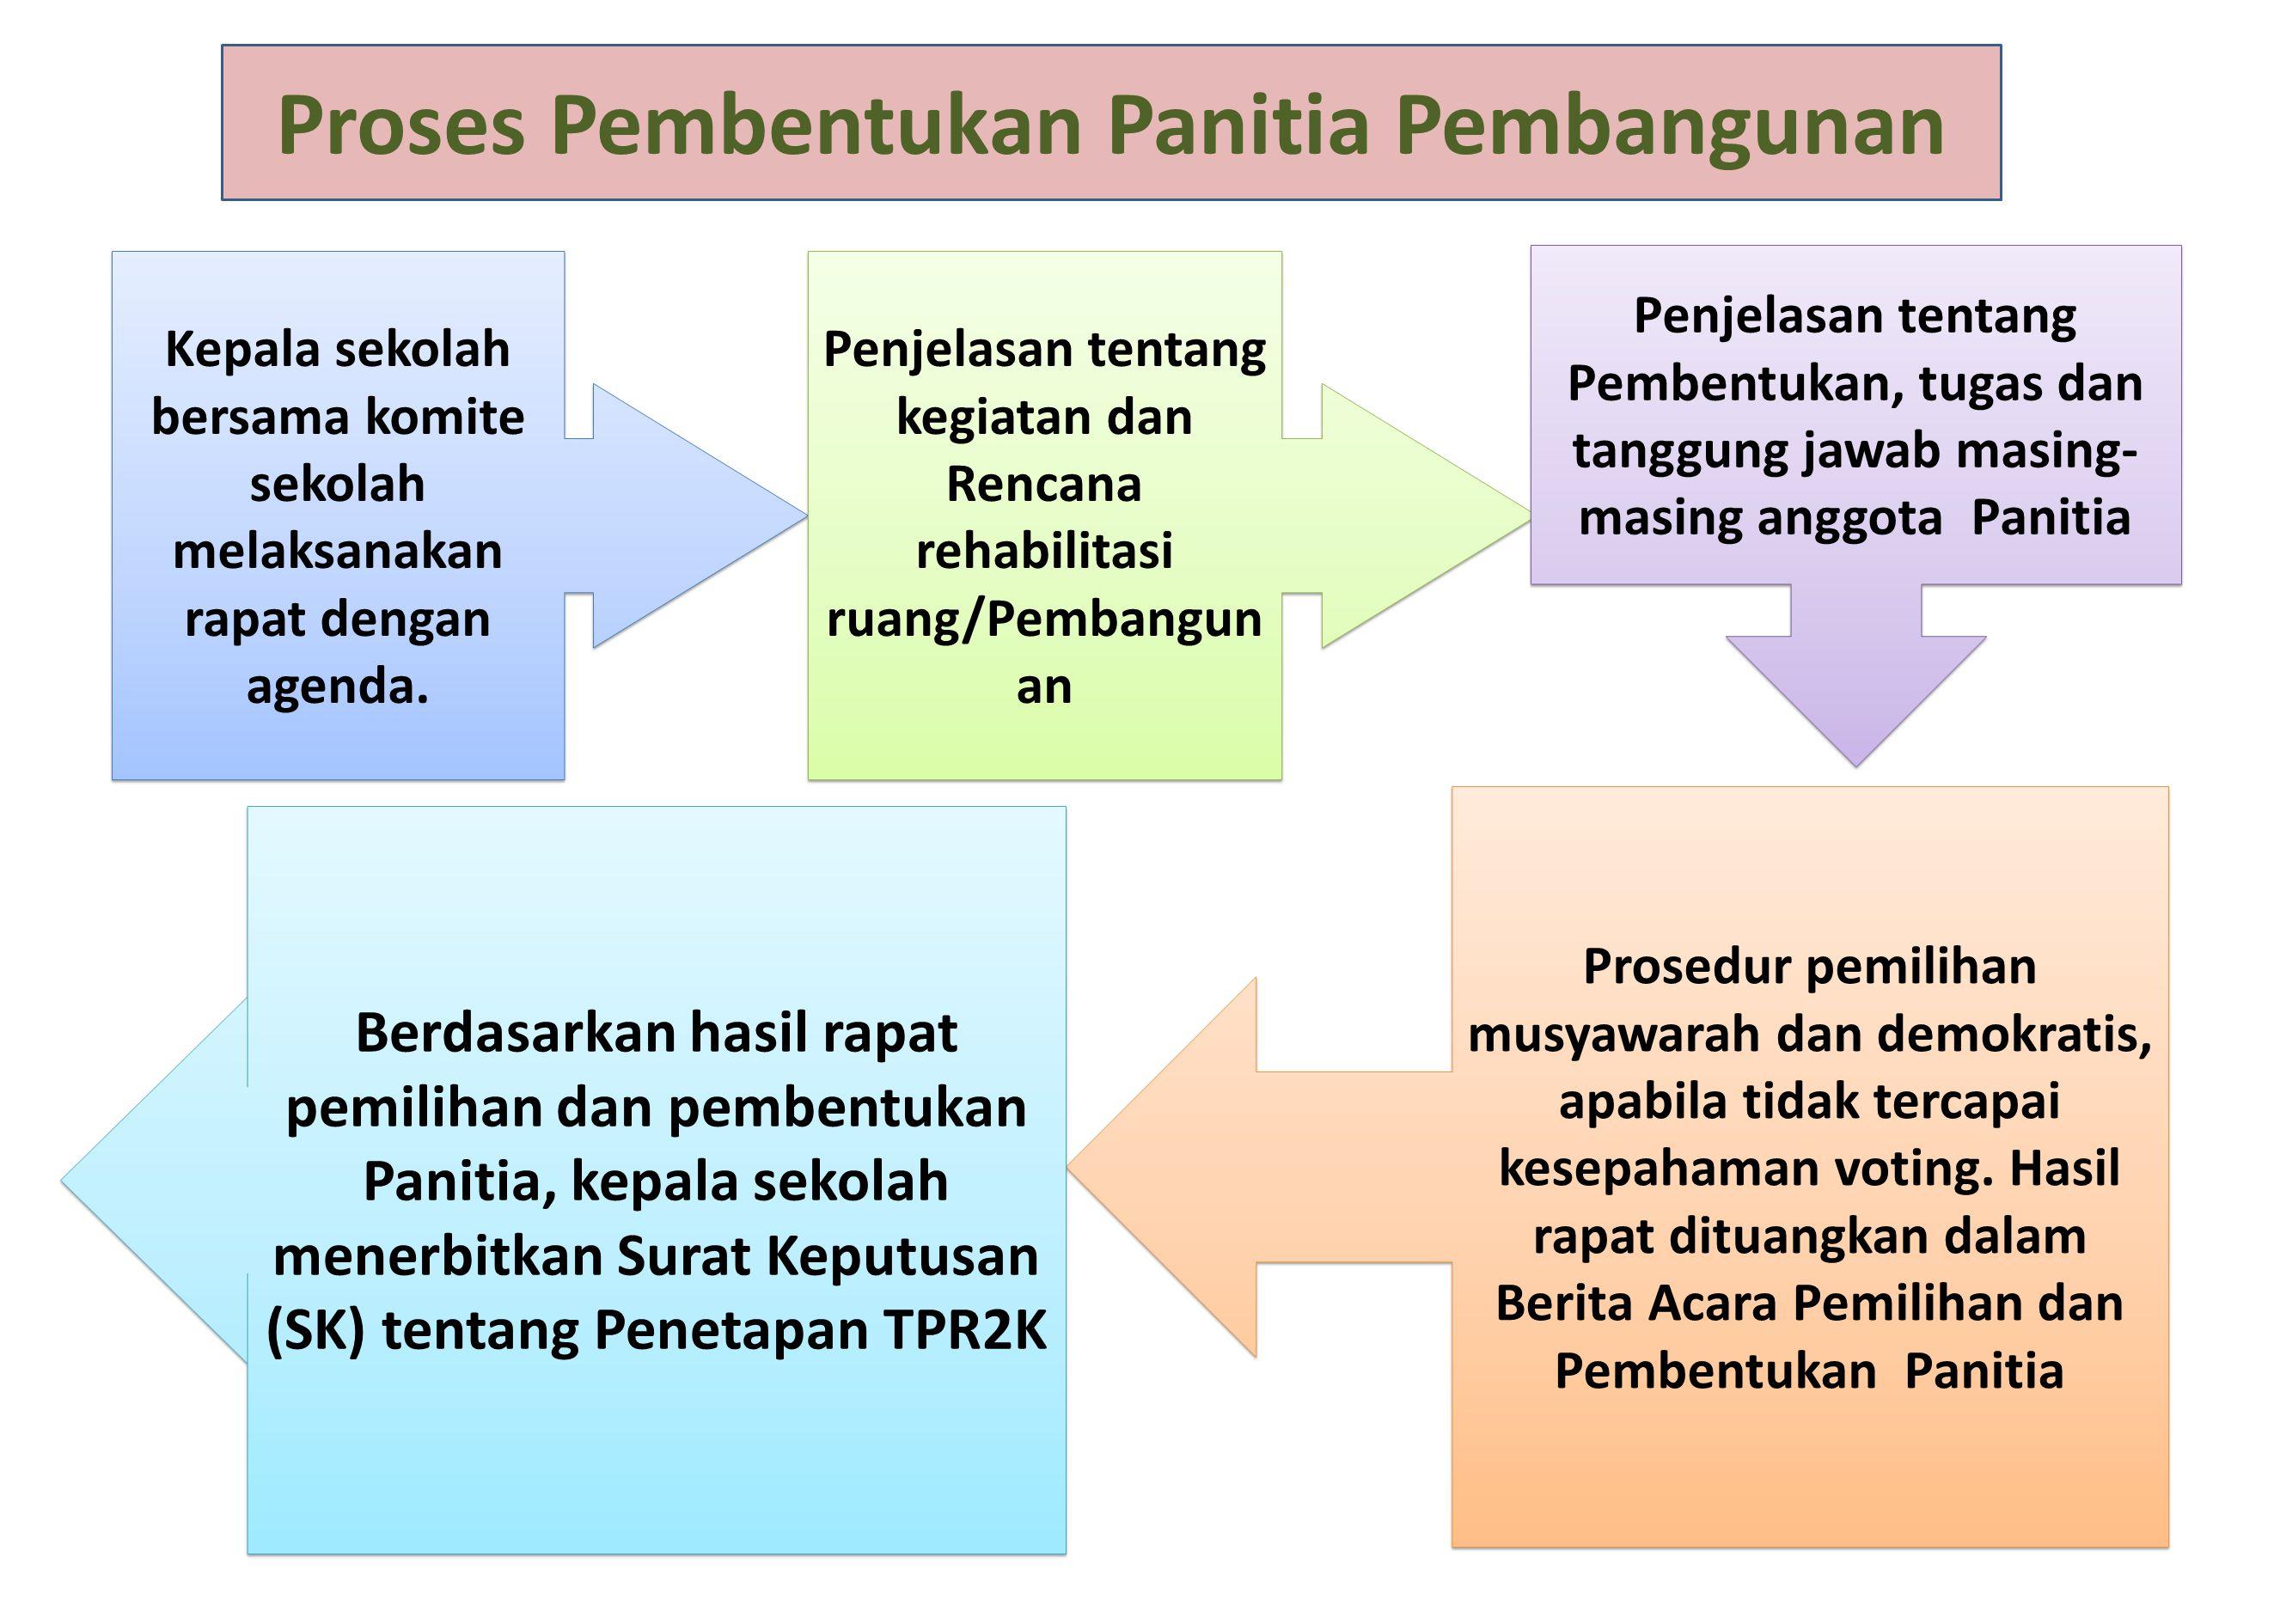 Proses Pembentukan Panitia Pembangunan